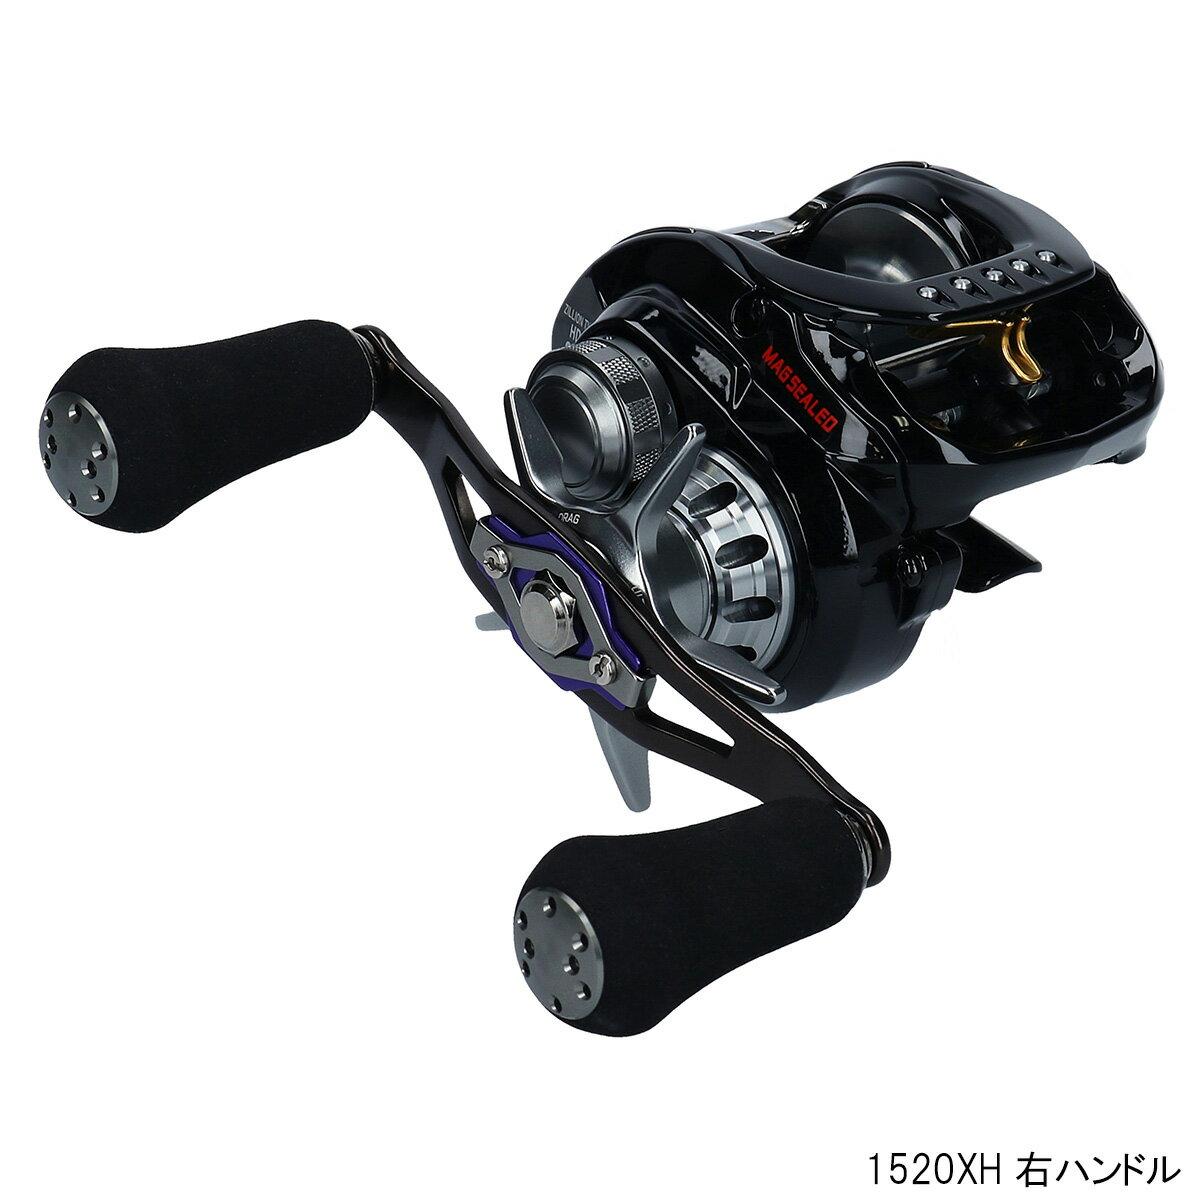 ダイワ ジリオン TW HD 1520XH 右ハンドル【送料無料】